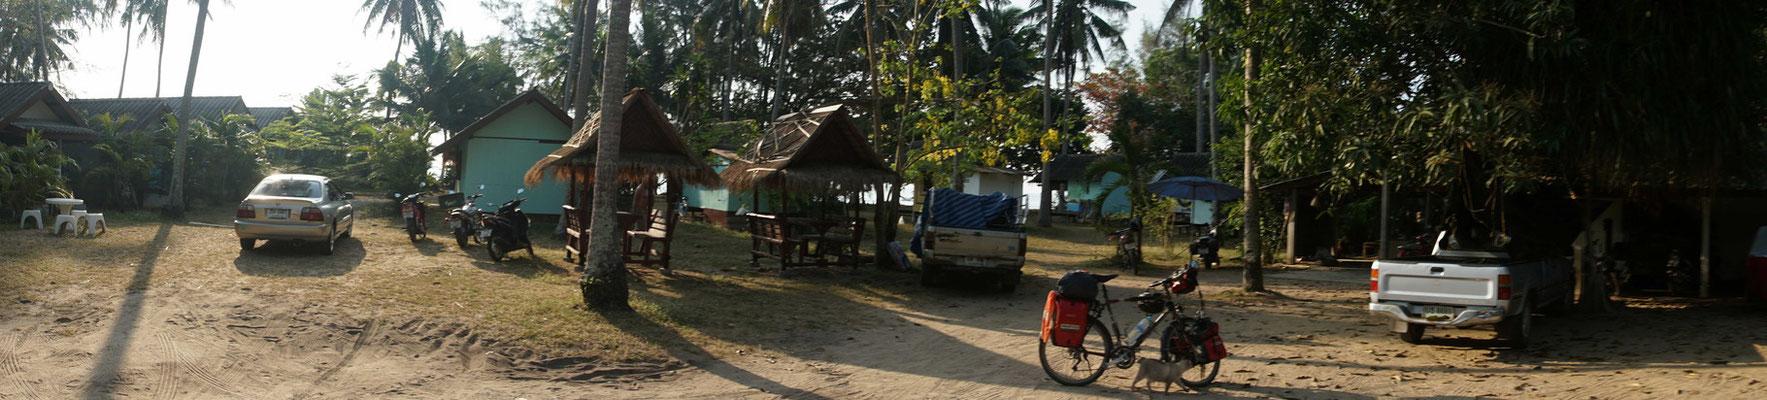 Abschied aus dem Lola Resort in Bang Sapahn - schön war's  hier, sehr schön....!